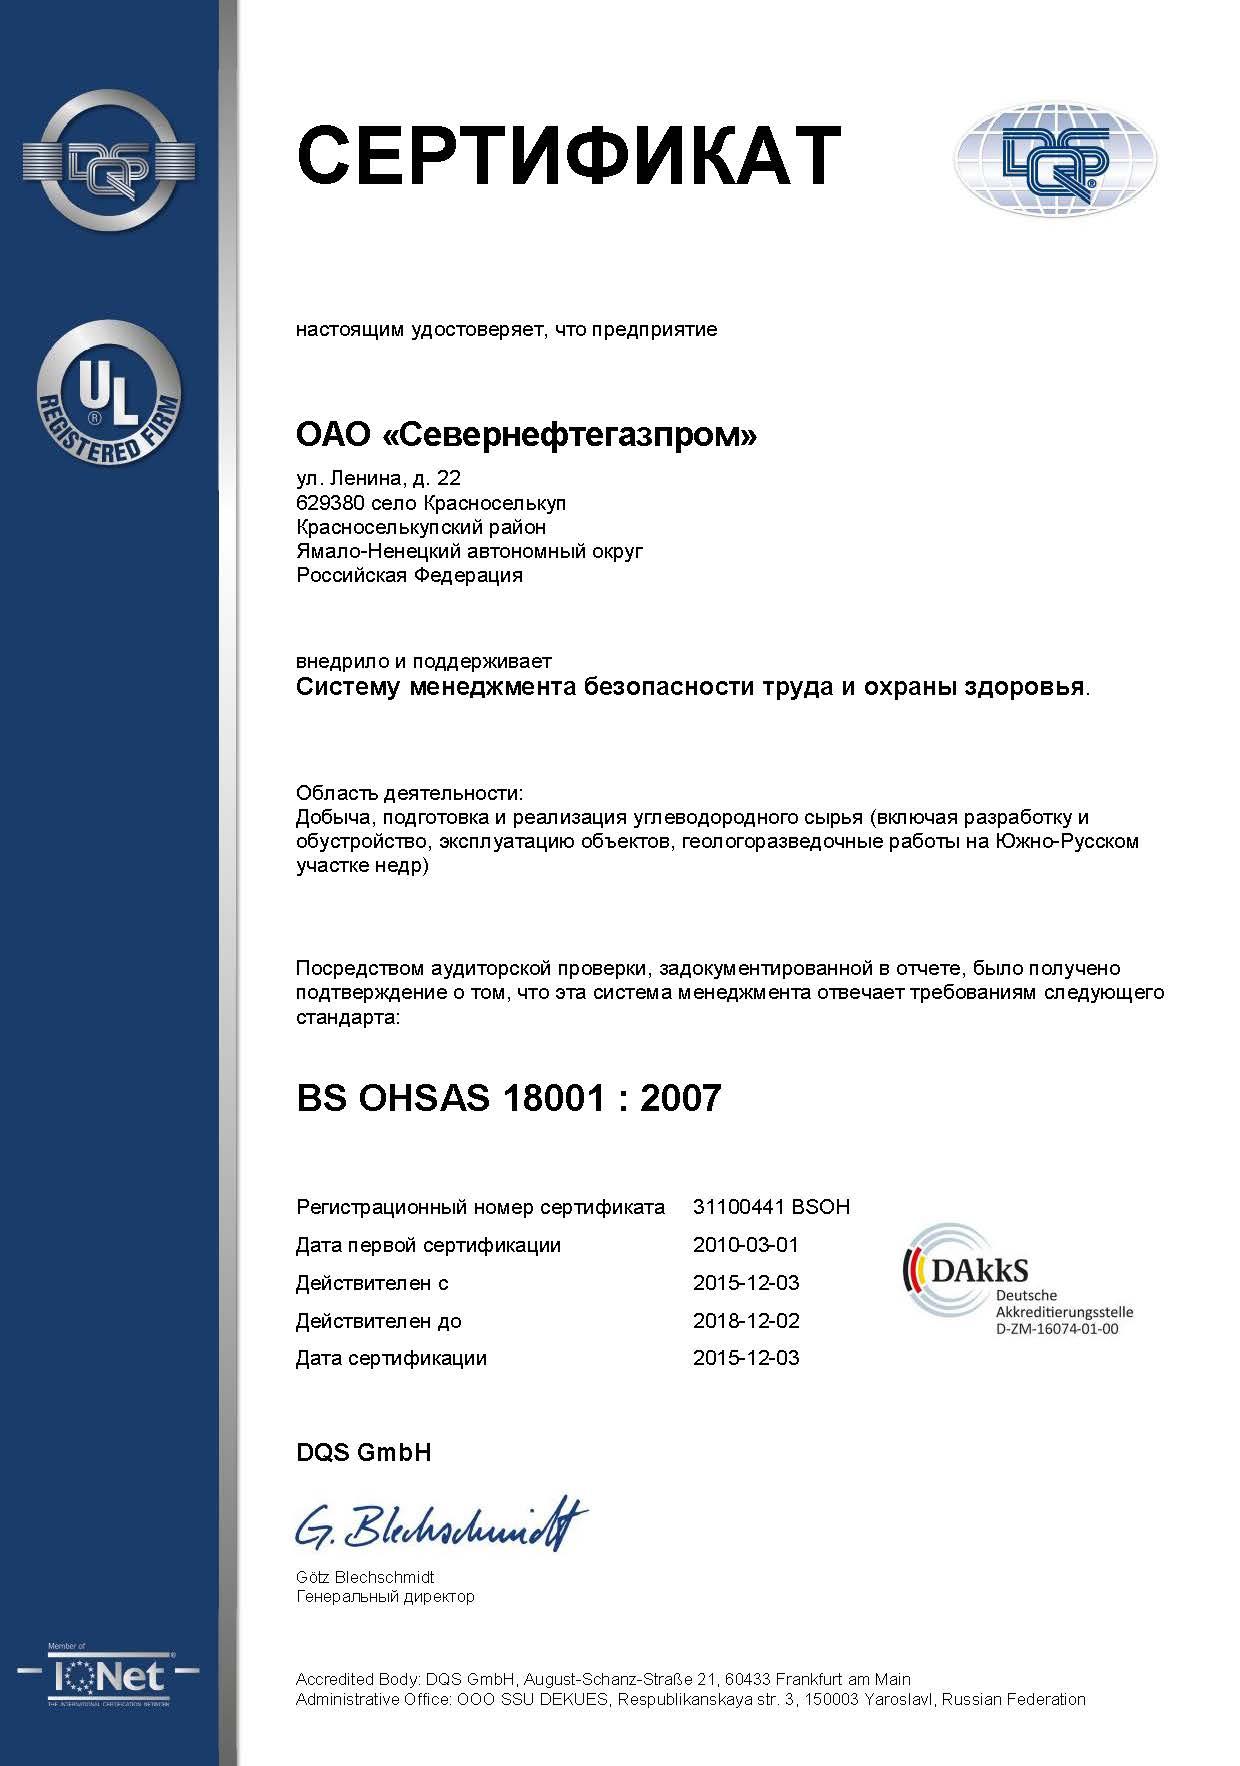 Медицинские регистраторы инструкция по охране труда